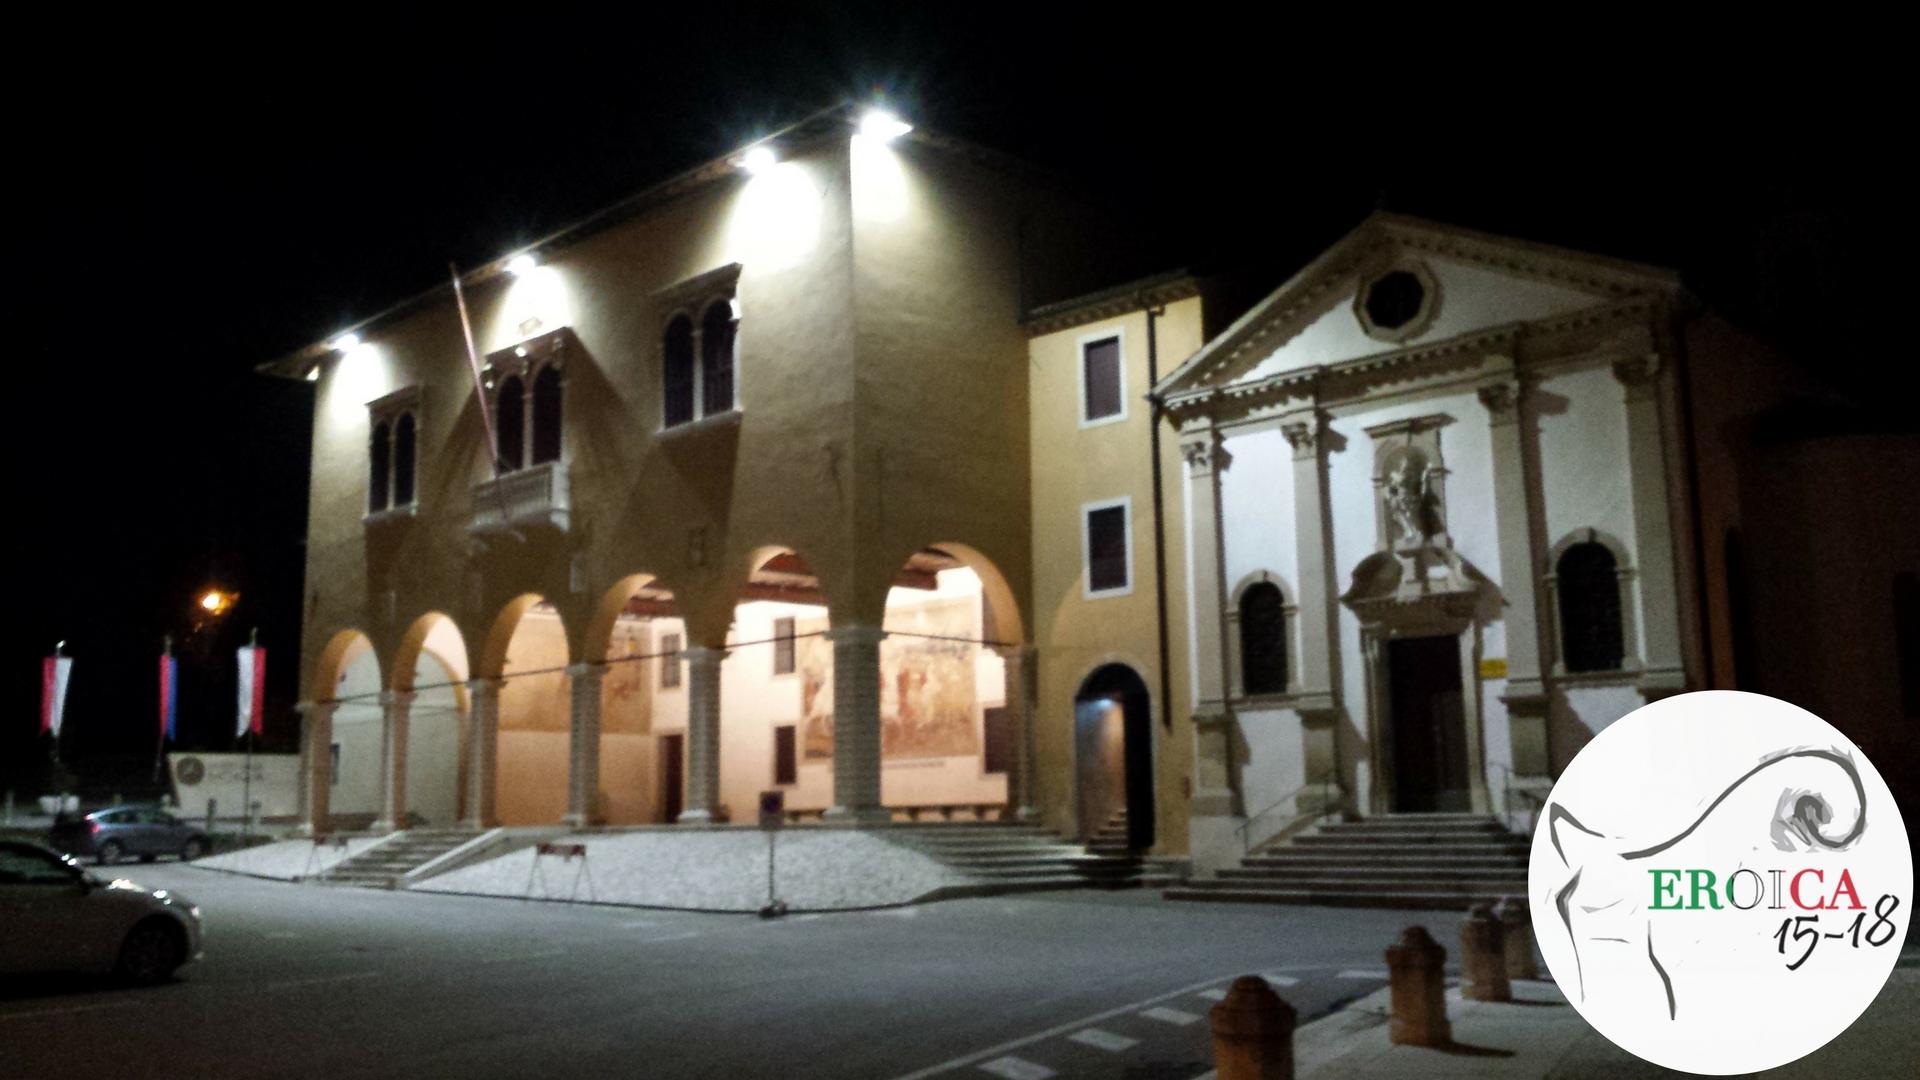 eroica15-18_museo_della_battaglia_vittorio_veneto